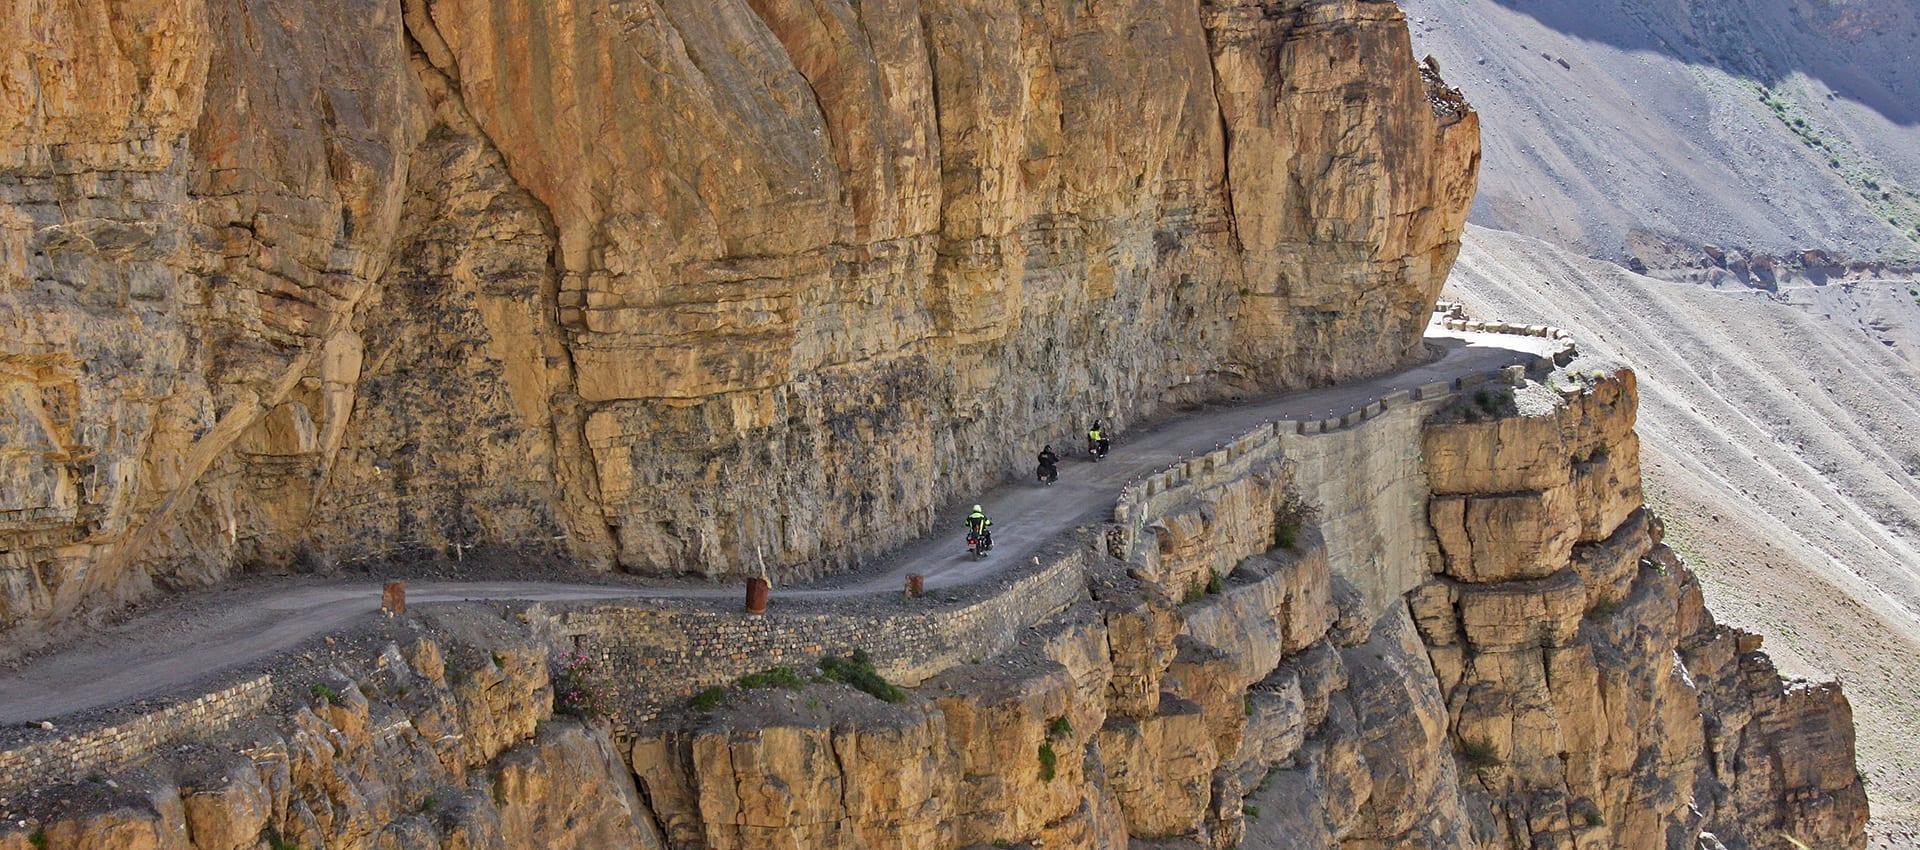 Schrijf je in en ga mee met de Trans Himalaya Motor Challenge naar de Khardung La